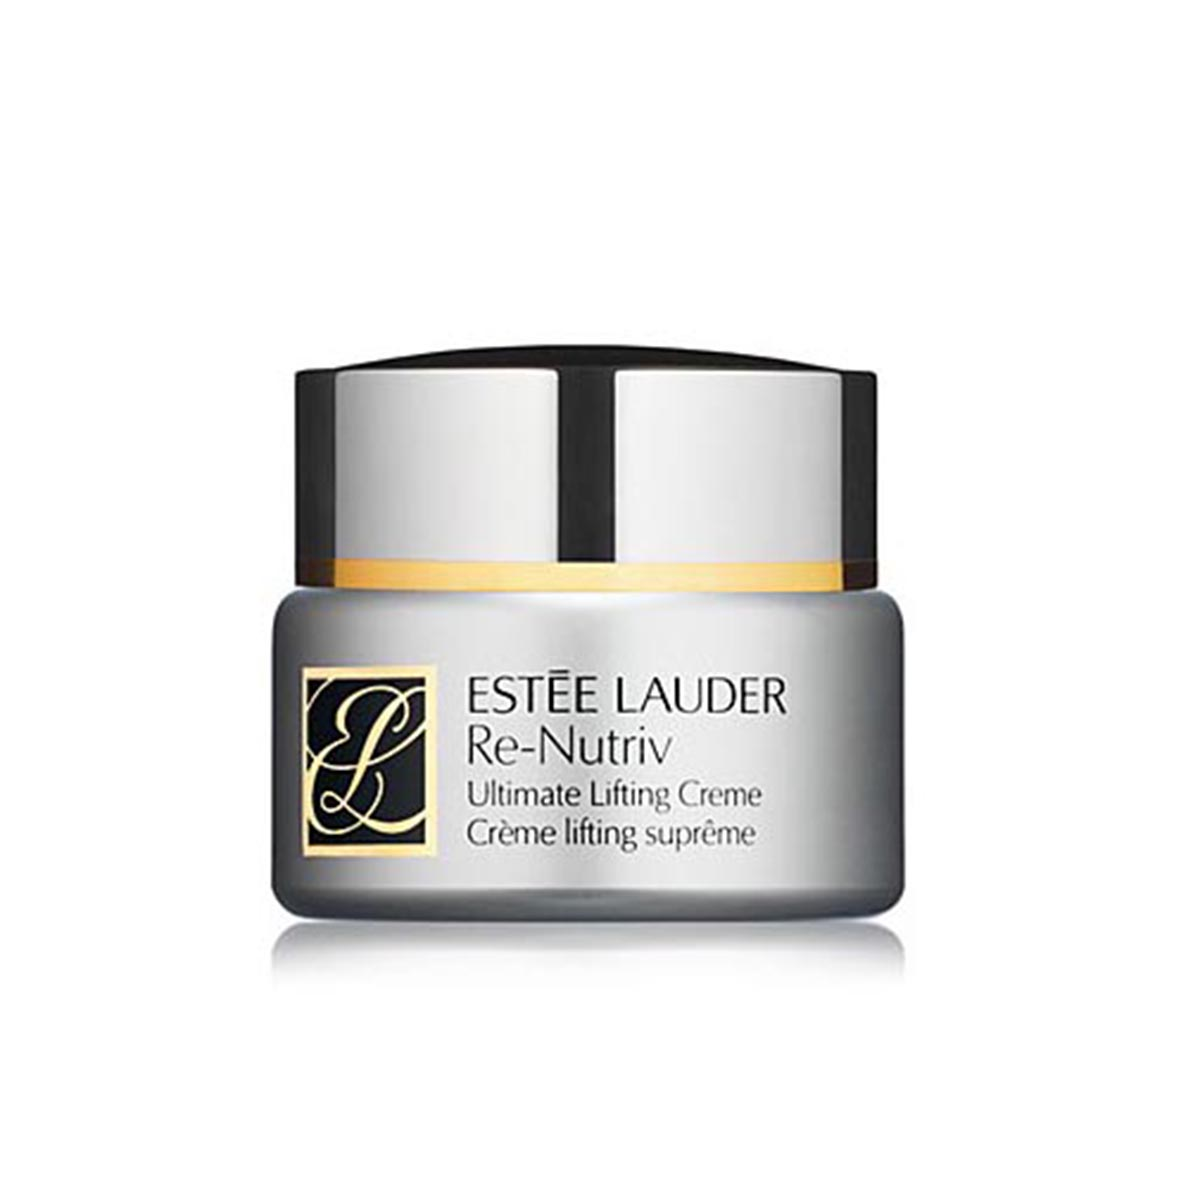 Estee lauder re nutriv ultimate lift cream 50ml